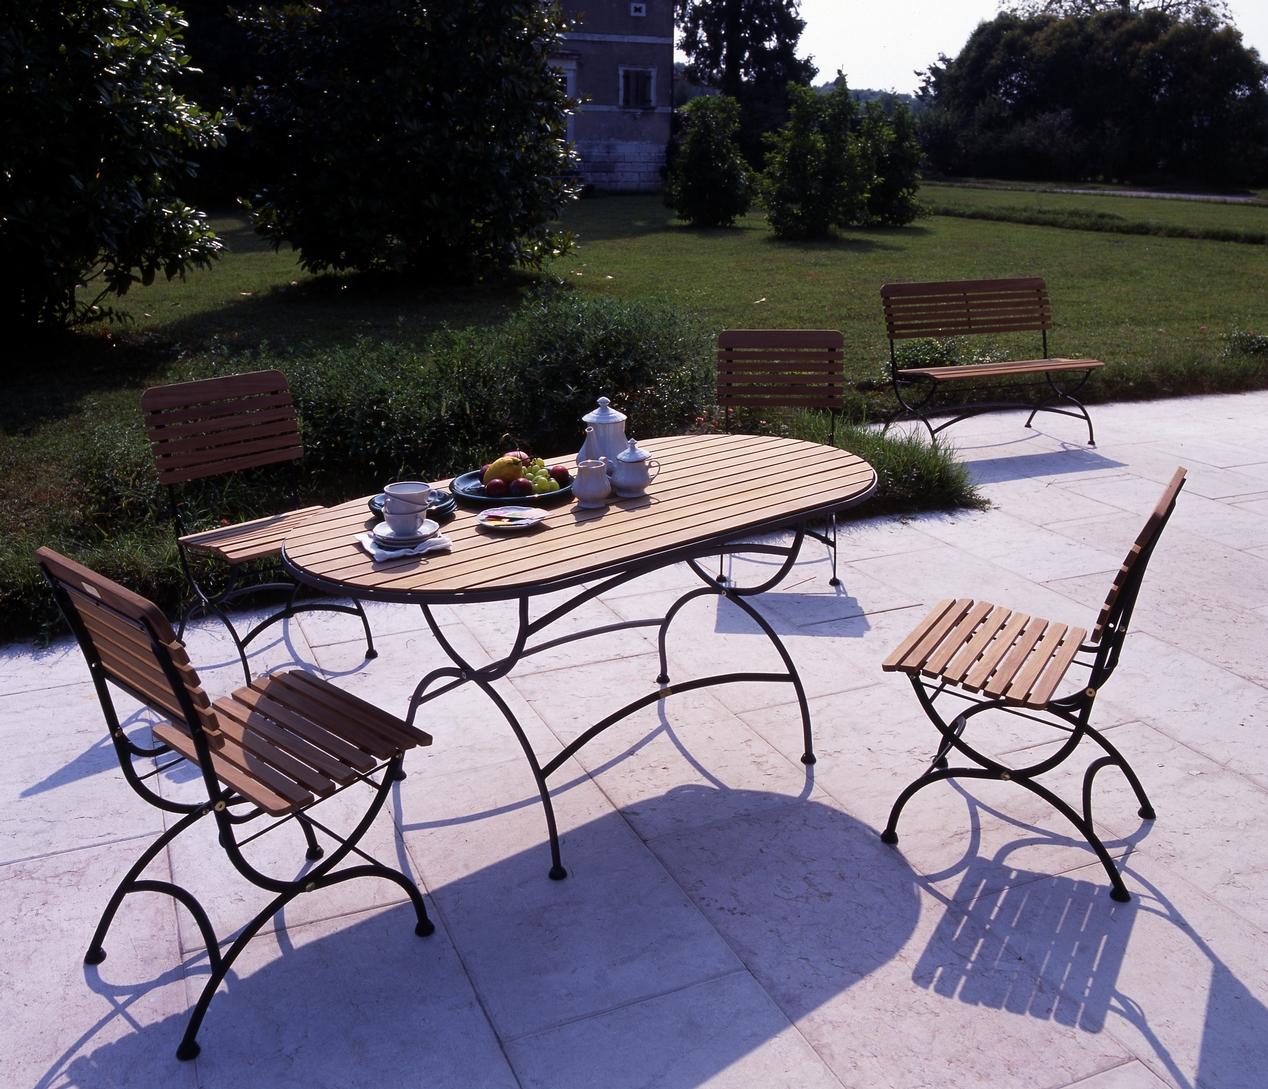 Gartenmobel Eisen Und Holz Five Stars Italy Gartenmobel Metall Und Holz Five Stars Italy Exklusive Gartenmobel Terrassenuberdachungen